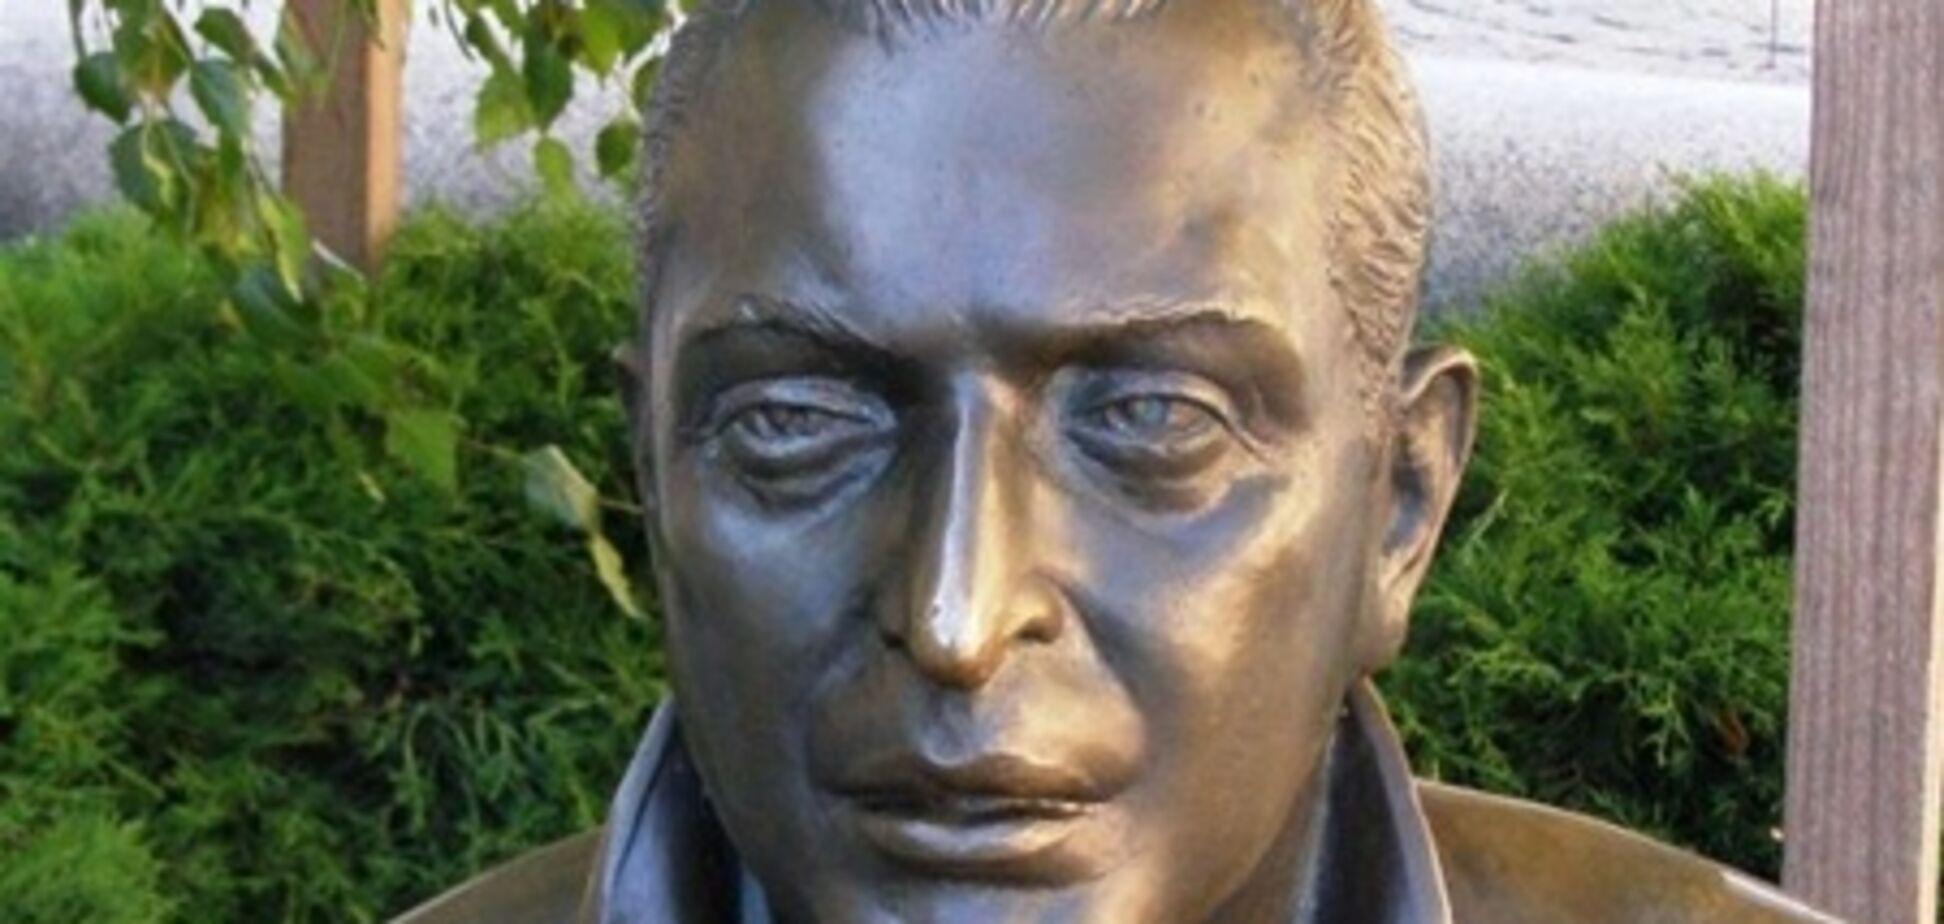 Геннадий Аксельрод: биография